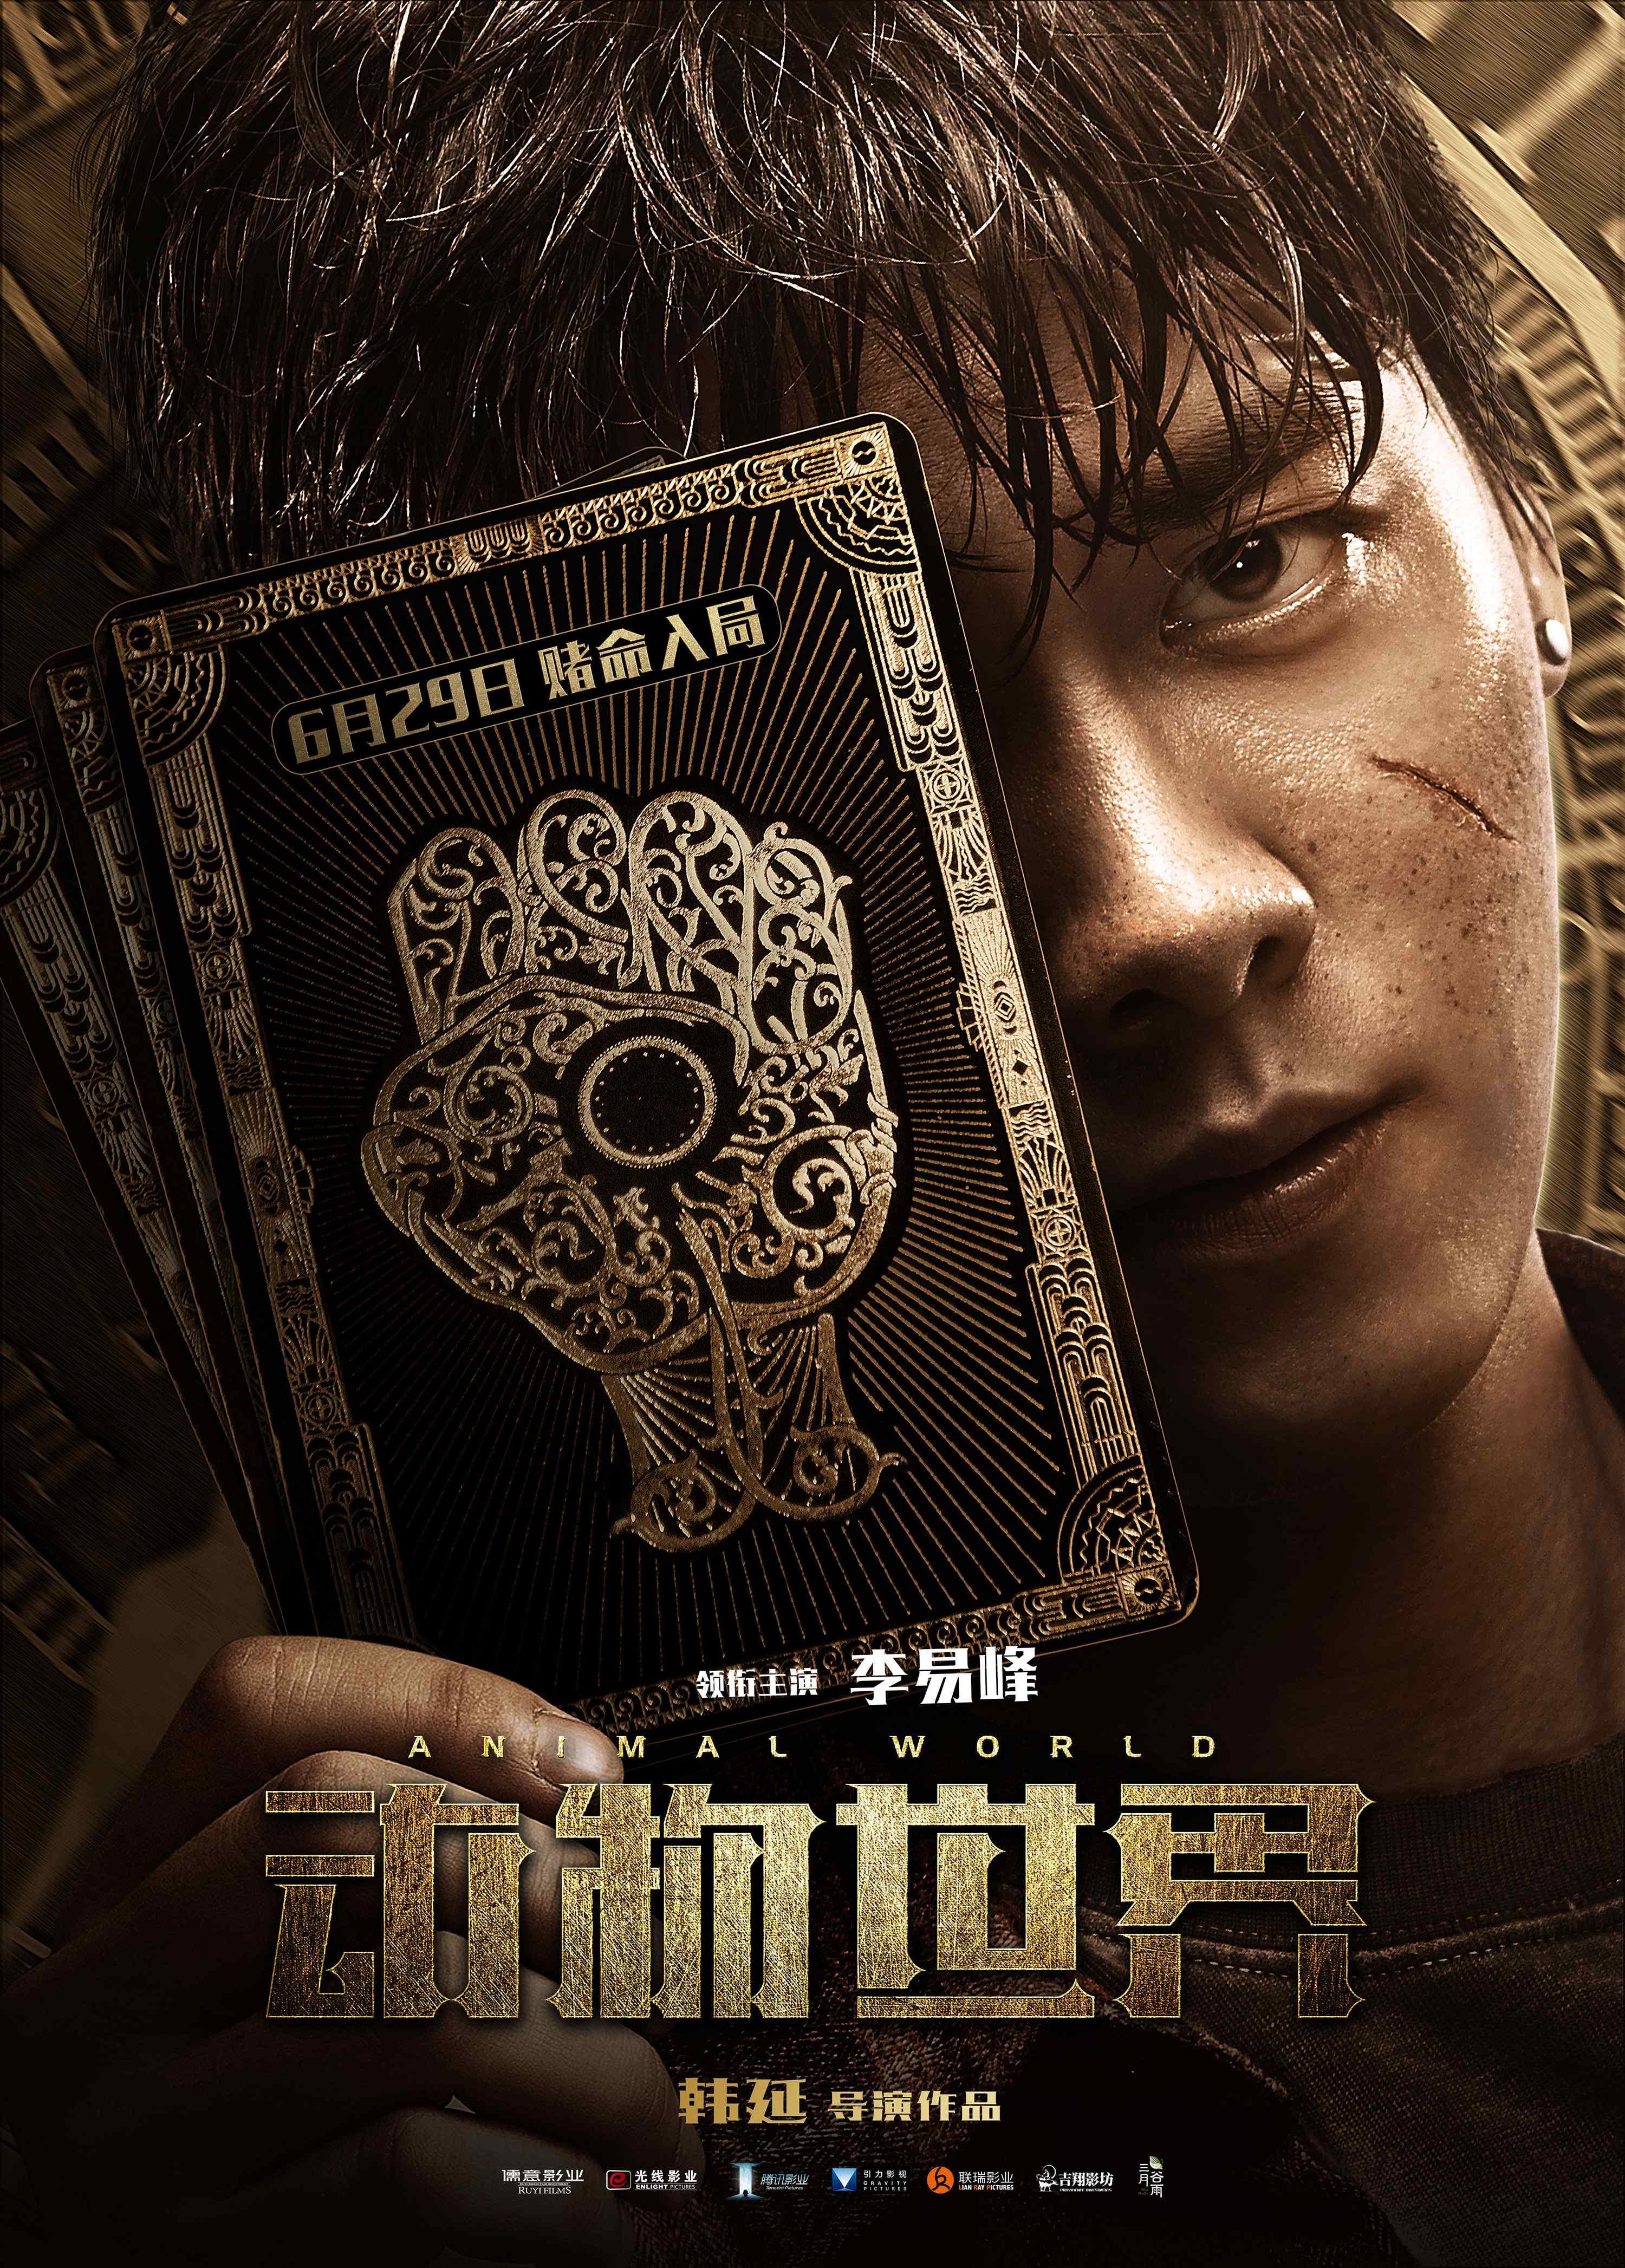 电影《动物世界》李易峰人物海报